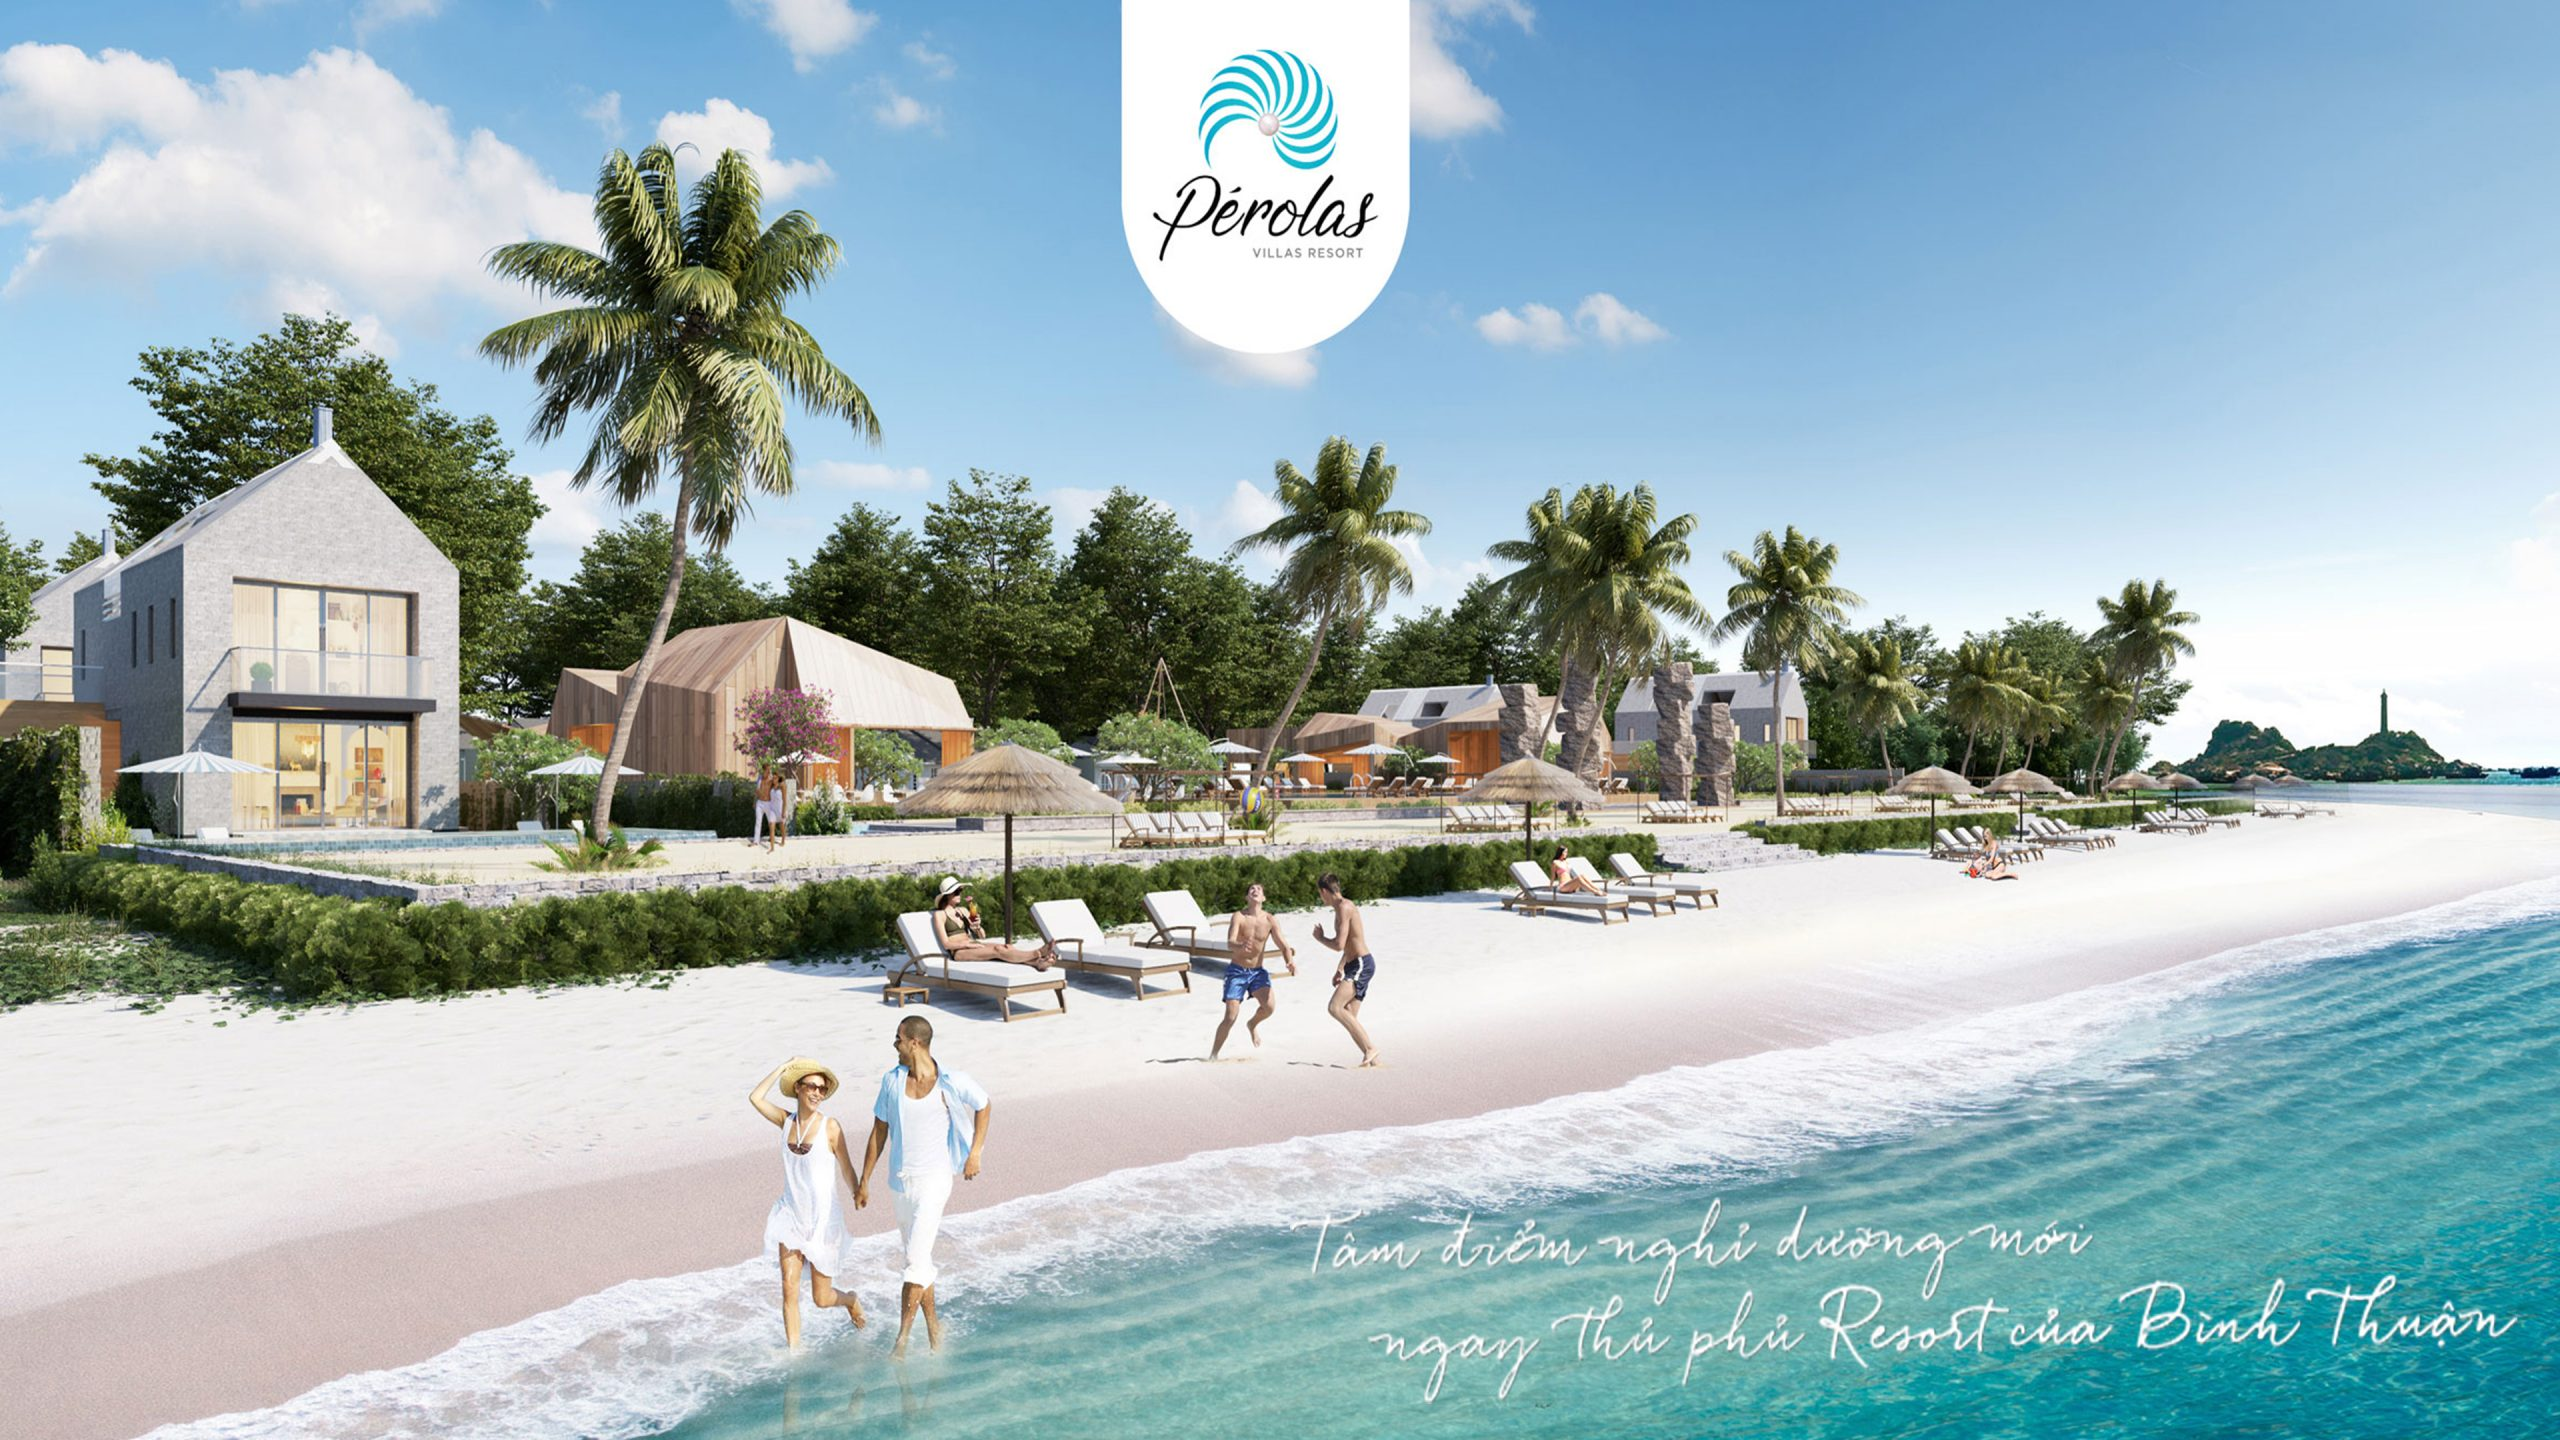 Dự án Pérolas Villa Resort với thiết kế đẳng cấp, vị trí đắc địa tọa lạc tại bờ biển tuyệt đẹp Mũi Kê Gà, tỉnh Bình Thuận, cùng với khí hậu ôn hòa mát mẻ quanh năm, nơi đây sẽ là một địa điểm lý tưởng cho những ngày nghỉ cuối tuần. Trong bối cảnh ngành du lịch nghỉ dưỡng đang tăng trưởng mạnh mẽ nhưng nguồn cung các khu resort đẳng cấp còn hạn chế như hiện nay. Theo các chuyên gia trong ngành nhận định Pérolas Villa Resort sẽ là dự án đón đầu xu thế được nhiều nhà đầu tư quan tâm, dự án hứa hẹn sẽ là tâm điểm của thị trường bất động sản nghỉ dưỡng tại bình thuận trong thời gian tới.